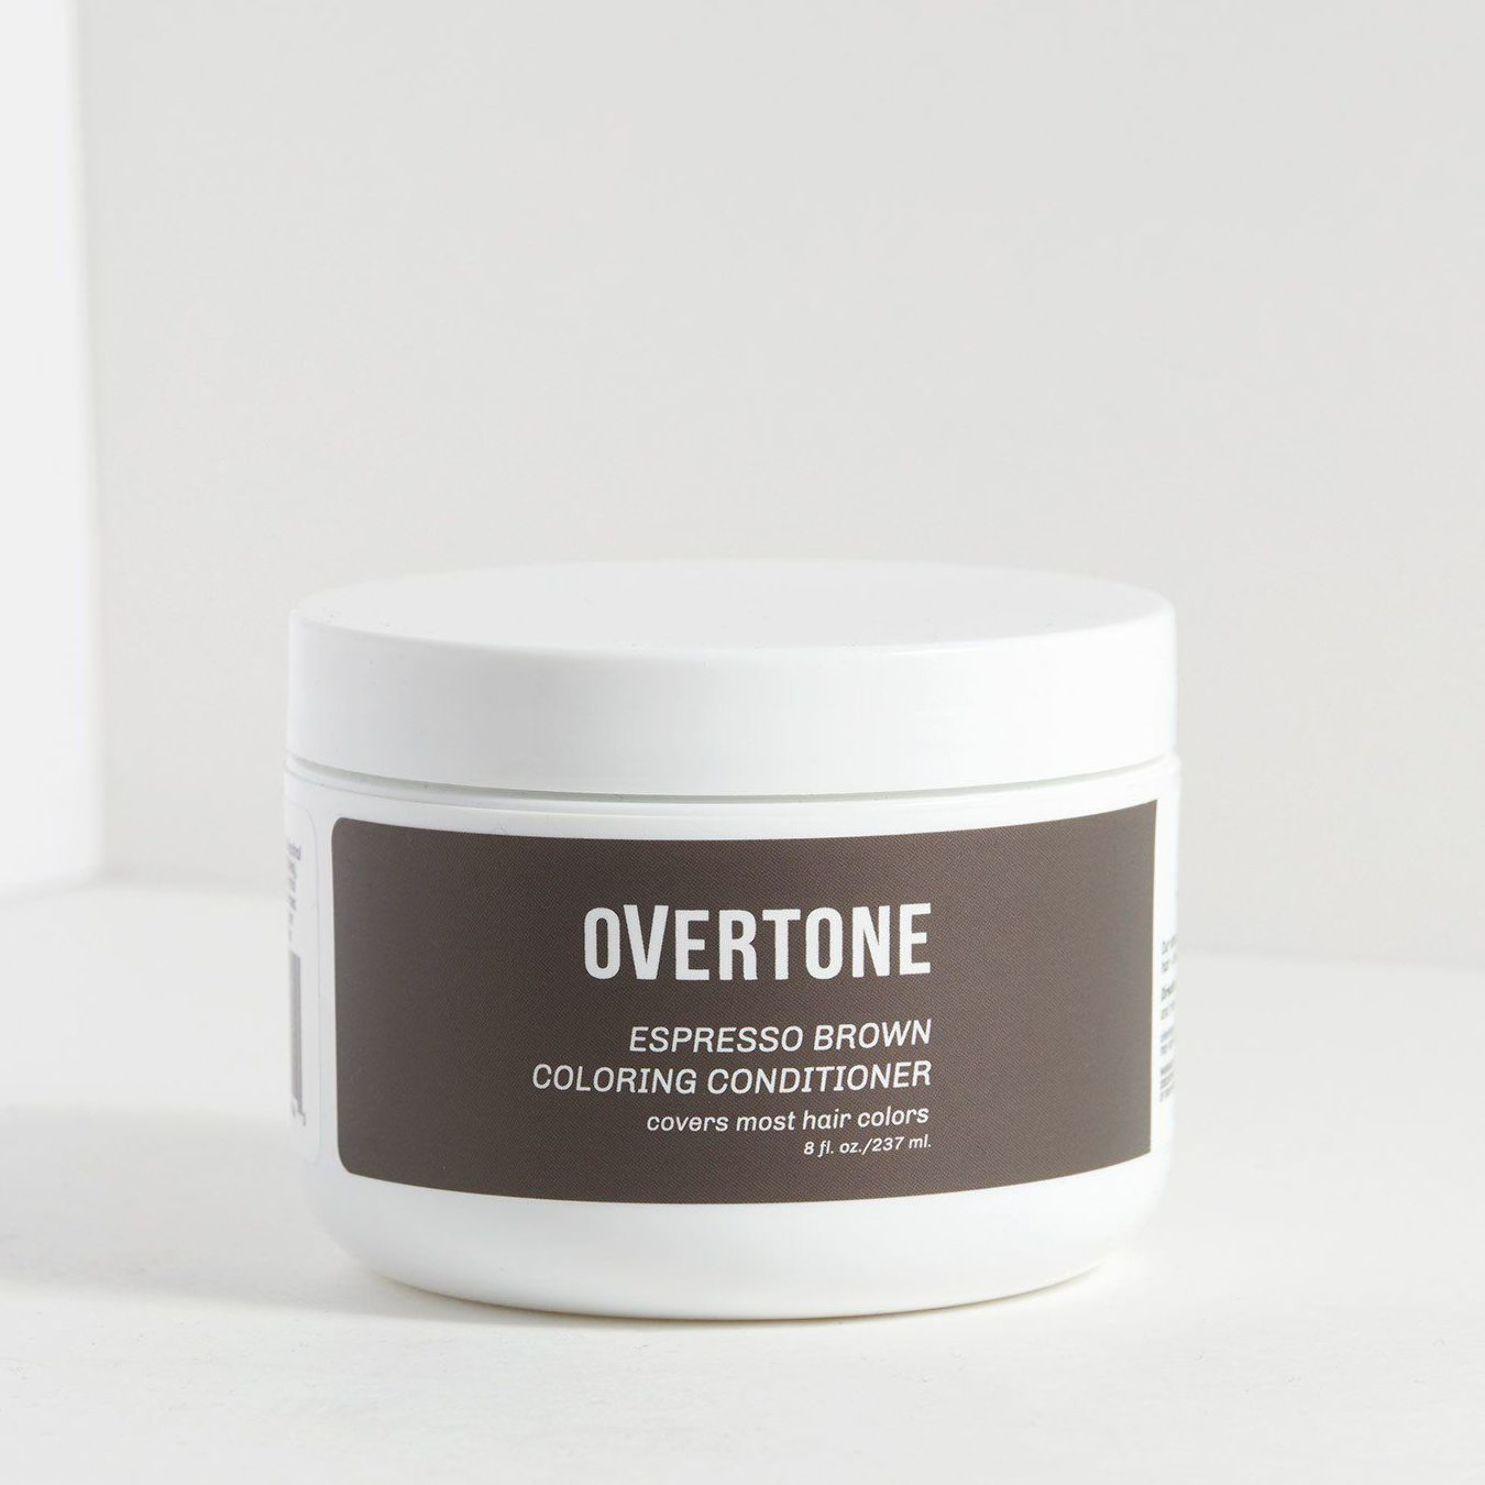 Espresso Brown Coloring Conditioner Overtone Haircare En 2020